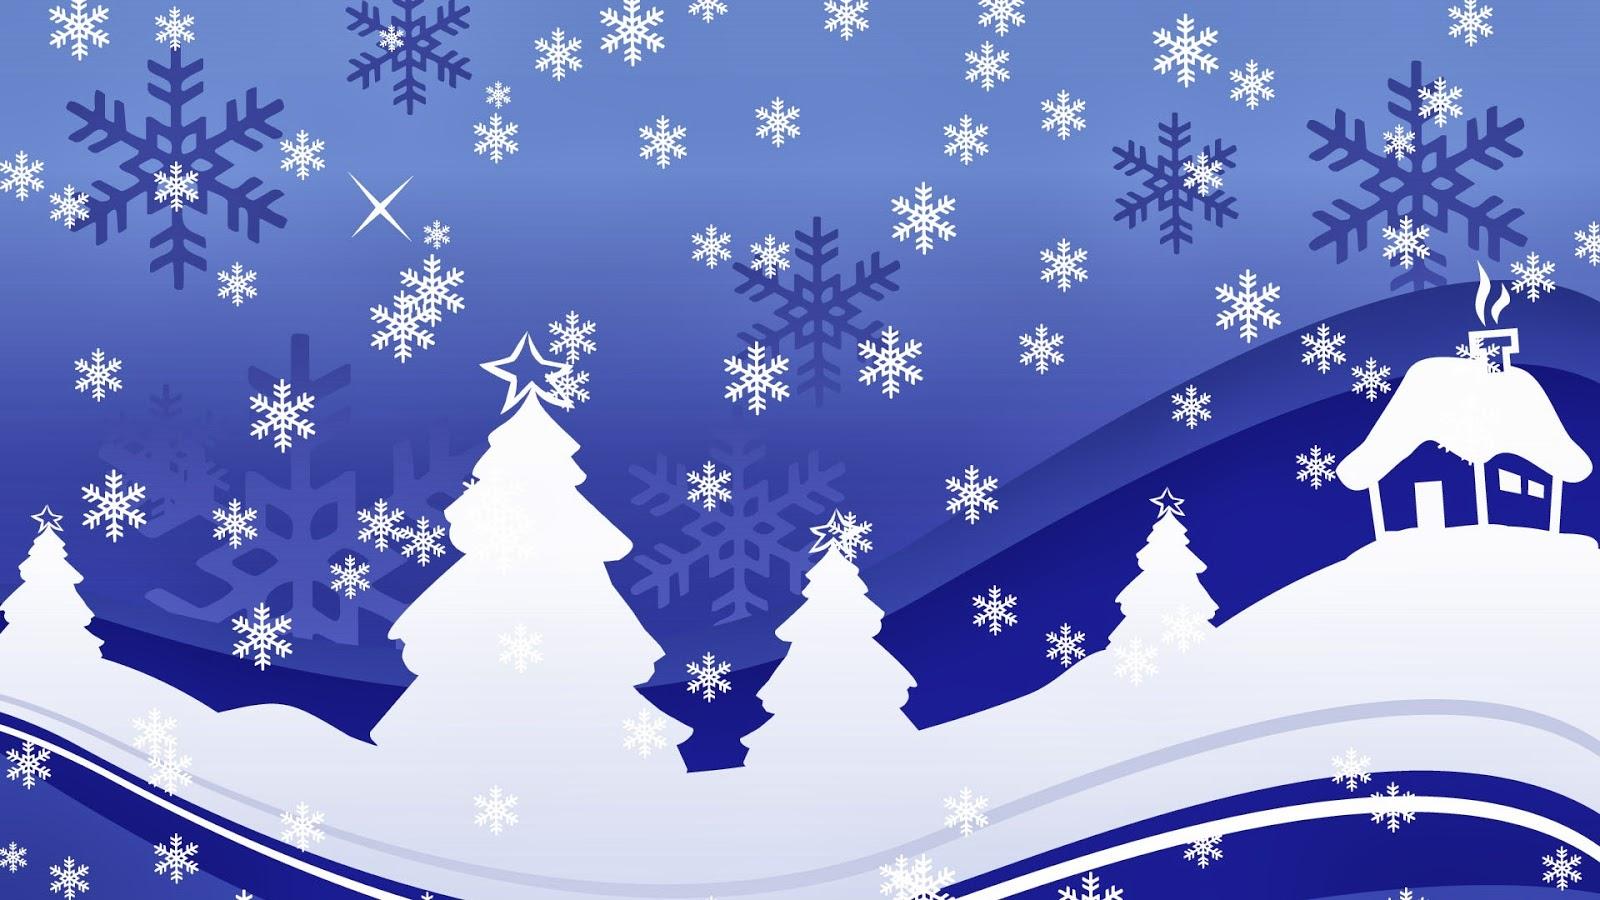 Fondo de Pantalla Navidad lluvia de copos de nieve | San Valentín ...